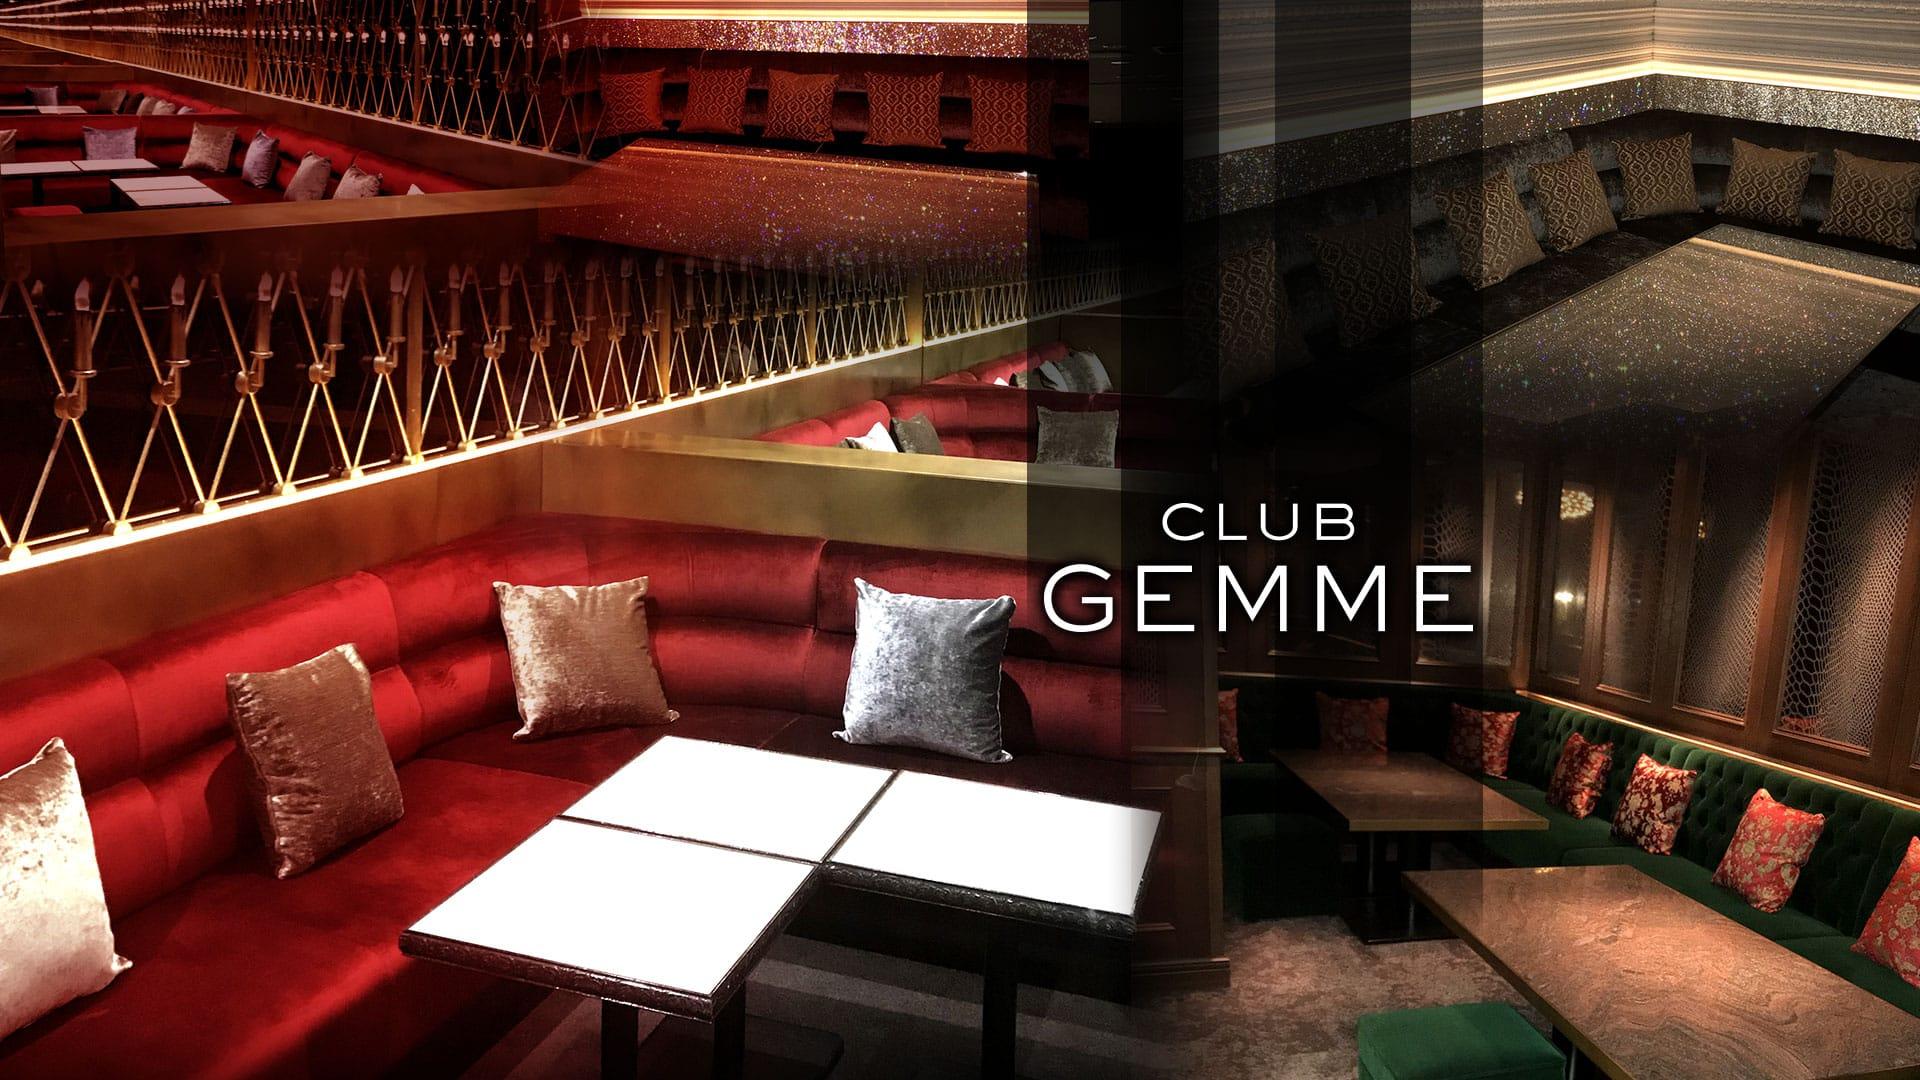 CLUB GEMME[クラブジェム] 立川 キャバクラ TOP画像